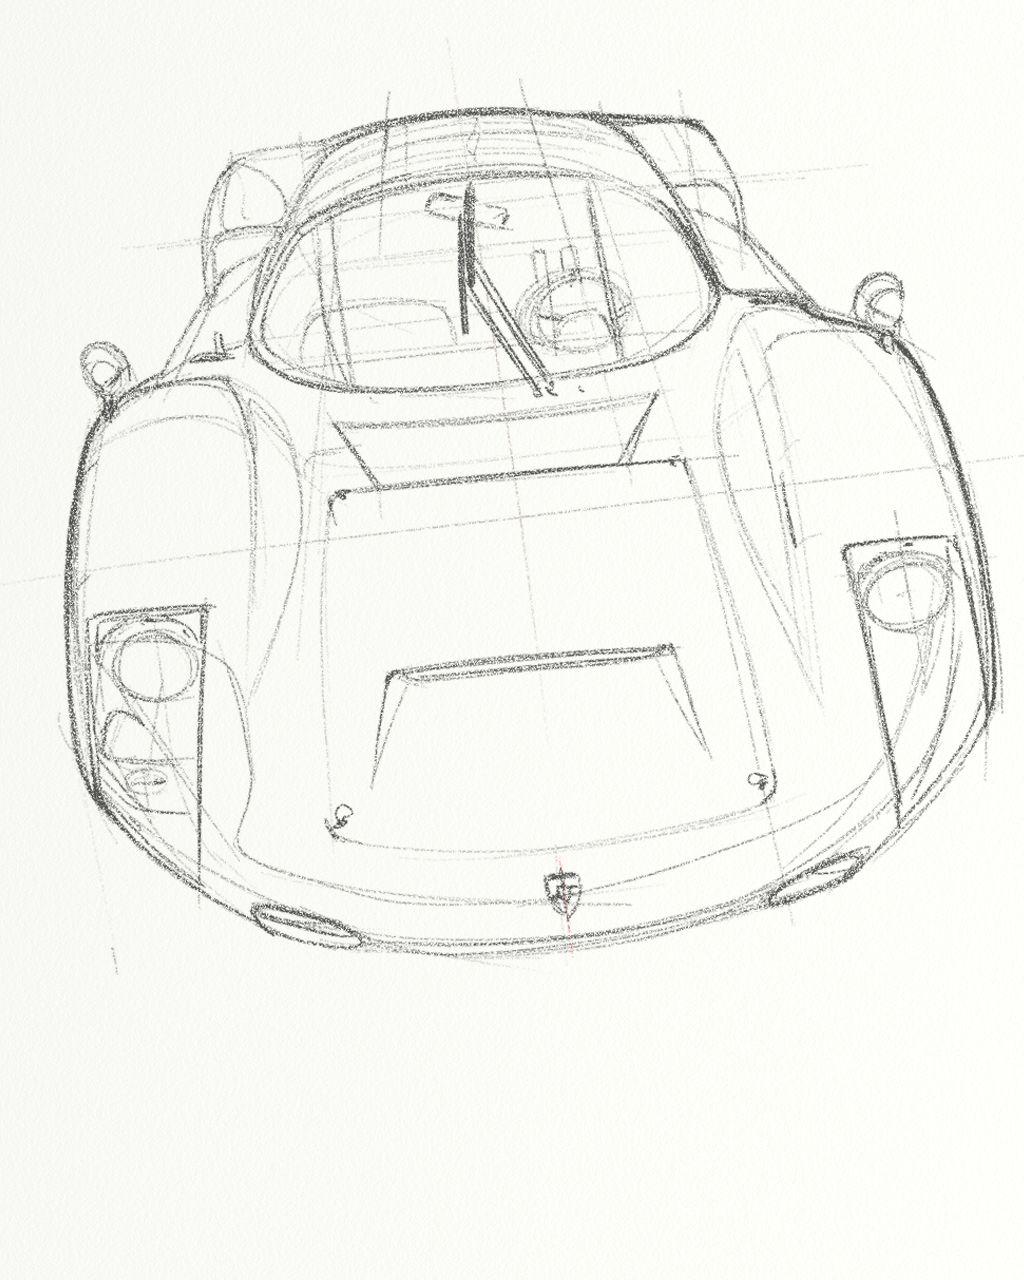 porsche car box wiring diagram  porsche 906 porsche heritage pinterest cars porsche and mercedes benz porsche 906 car design sketch